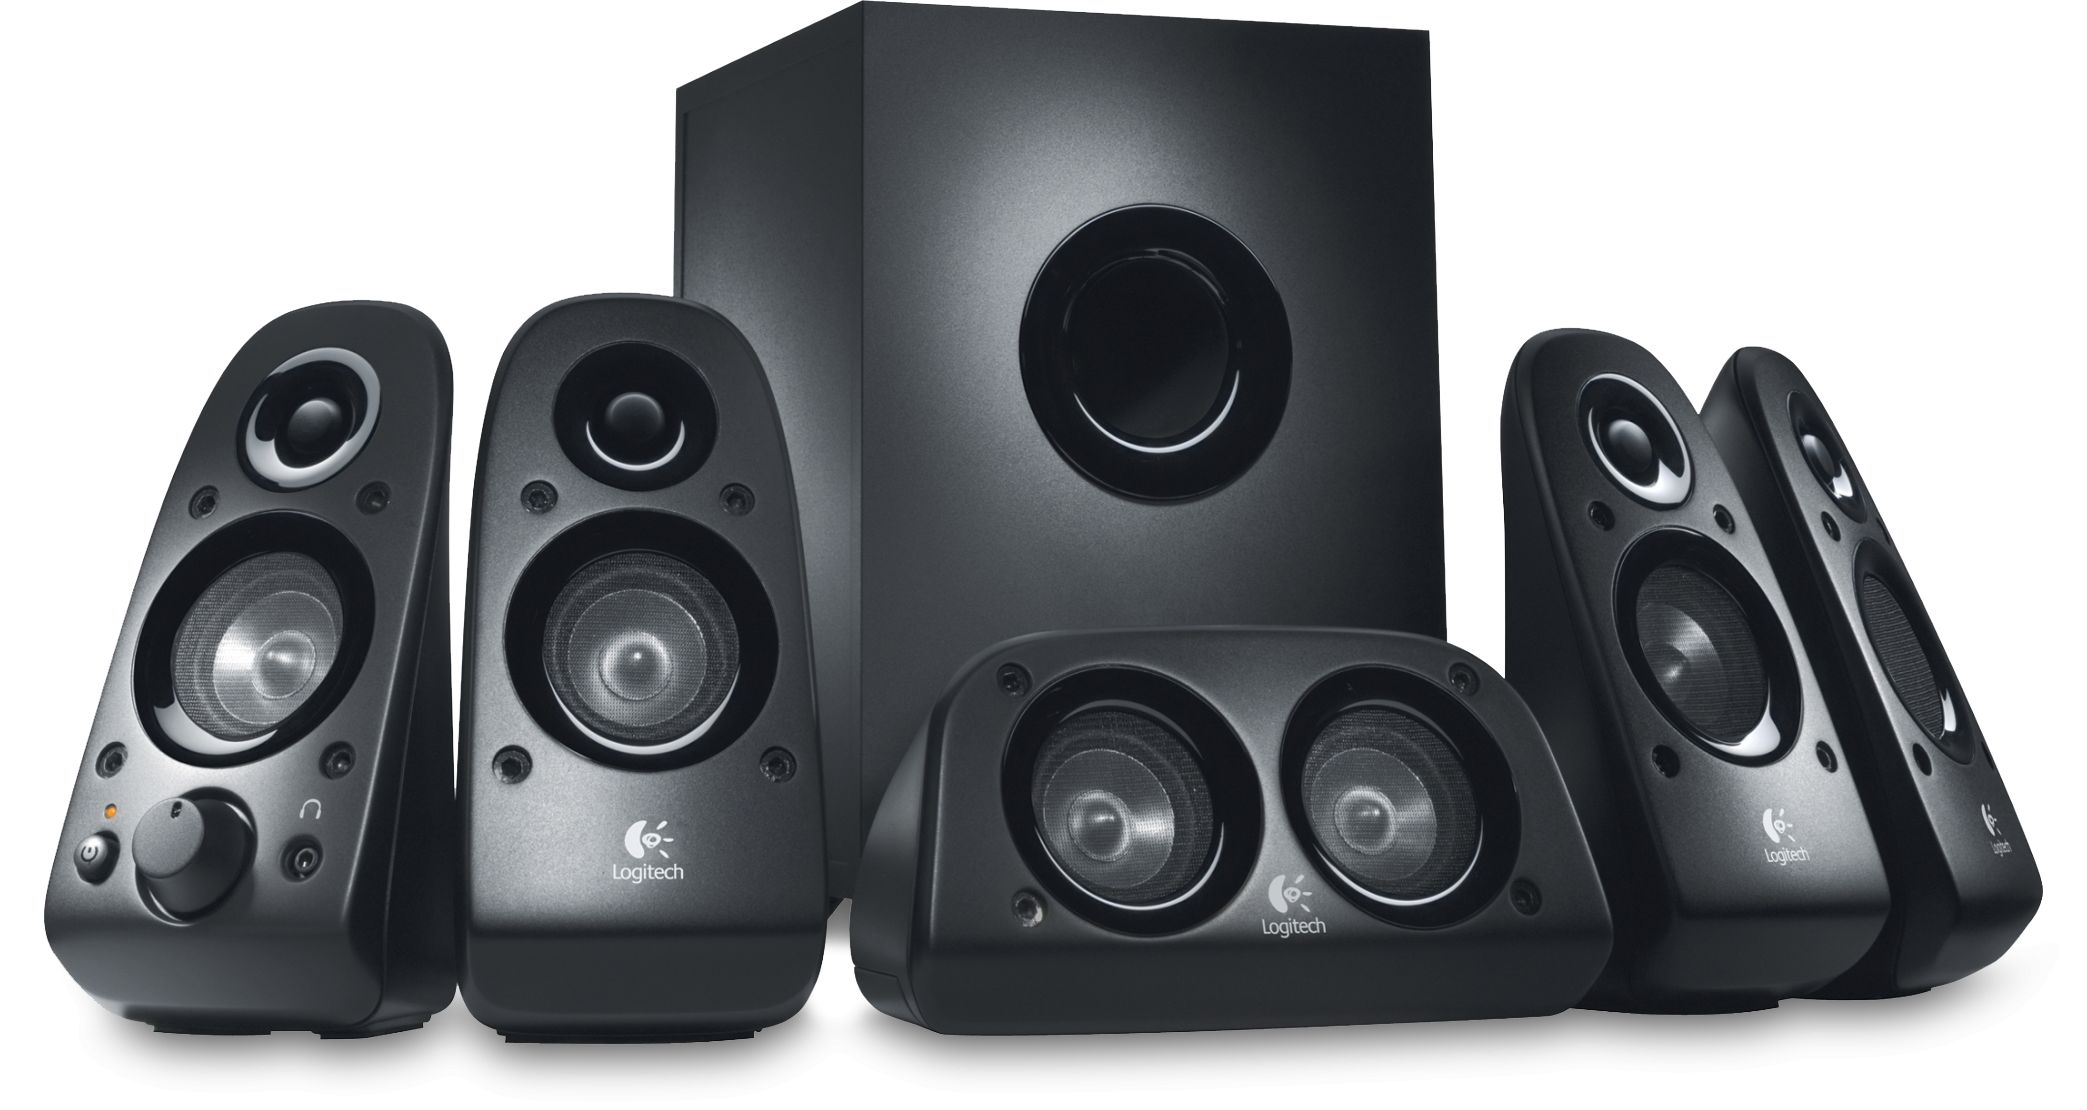 z506 5 1 surround sound speakers. Black Bedroom Furniture Sets. Home Design Ideas